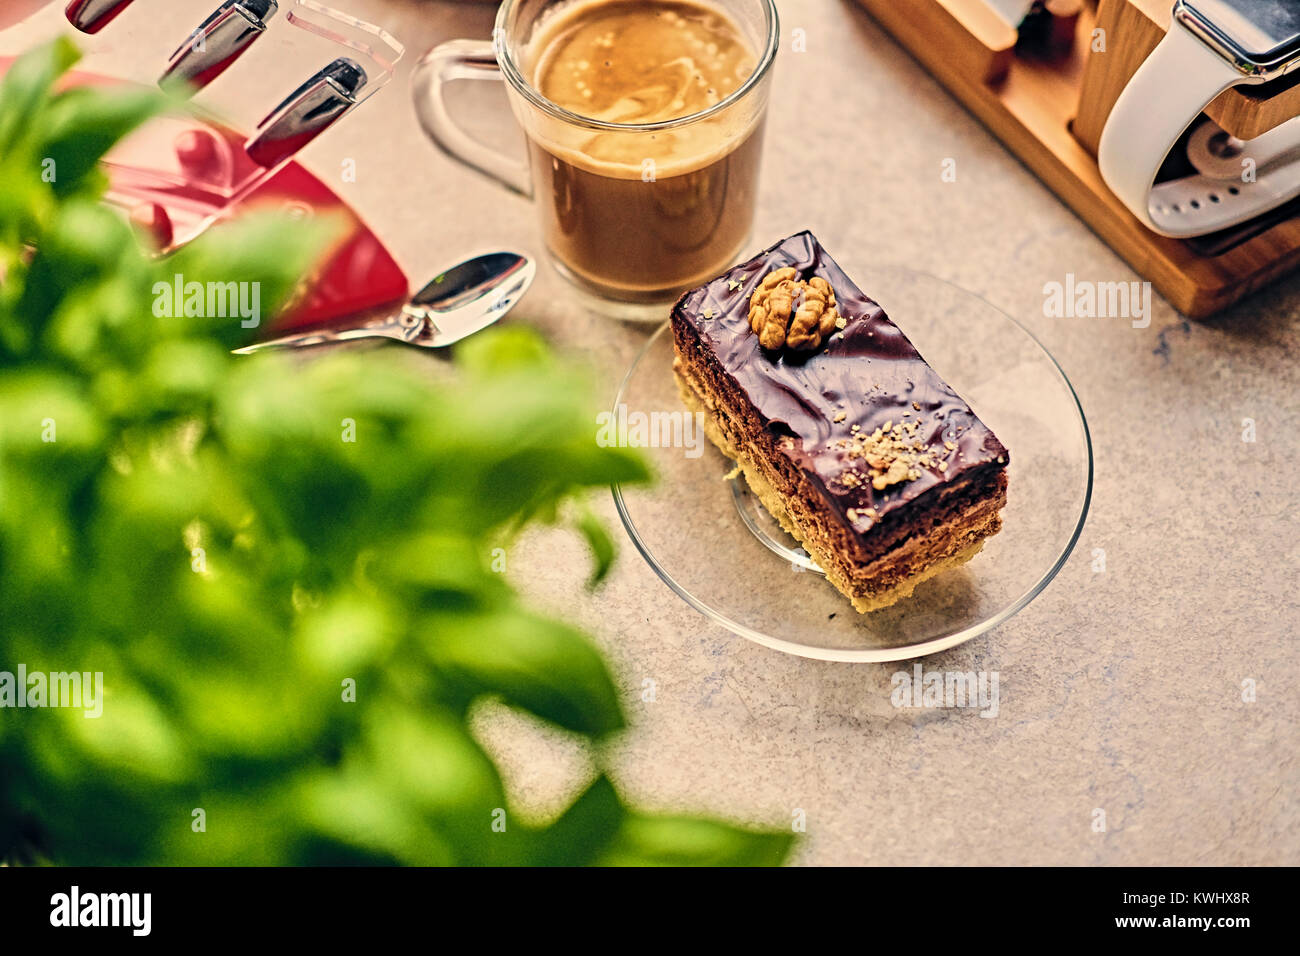 Dolce, deliziosi dolci, erbe e tazza di caffè Immagini Stock